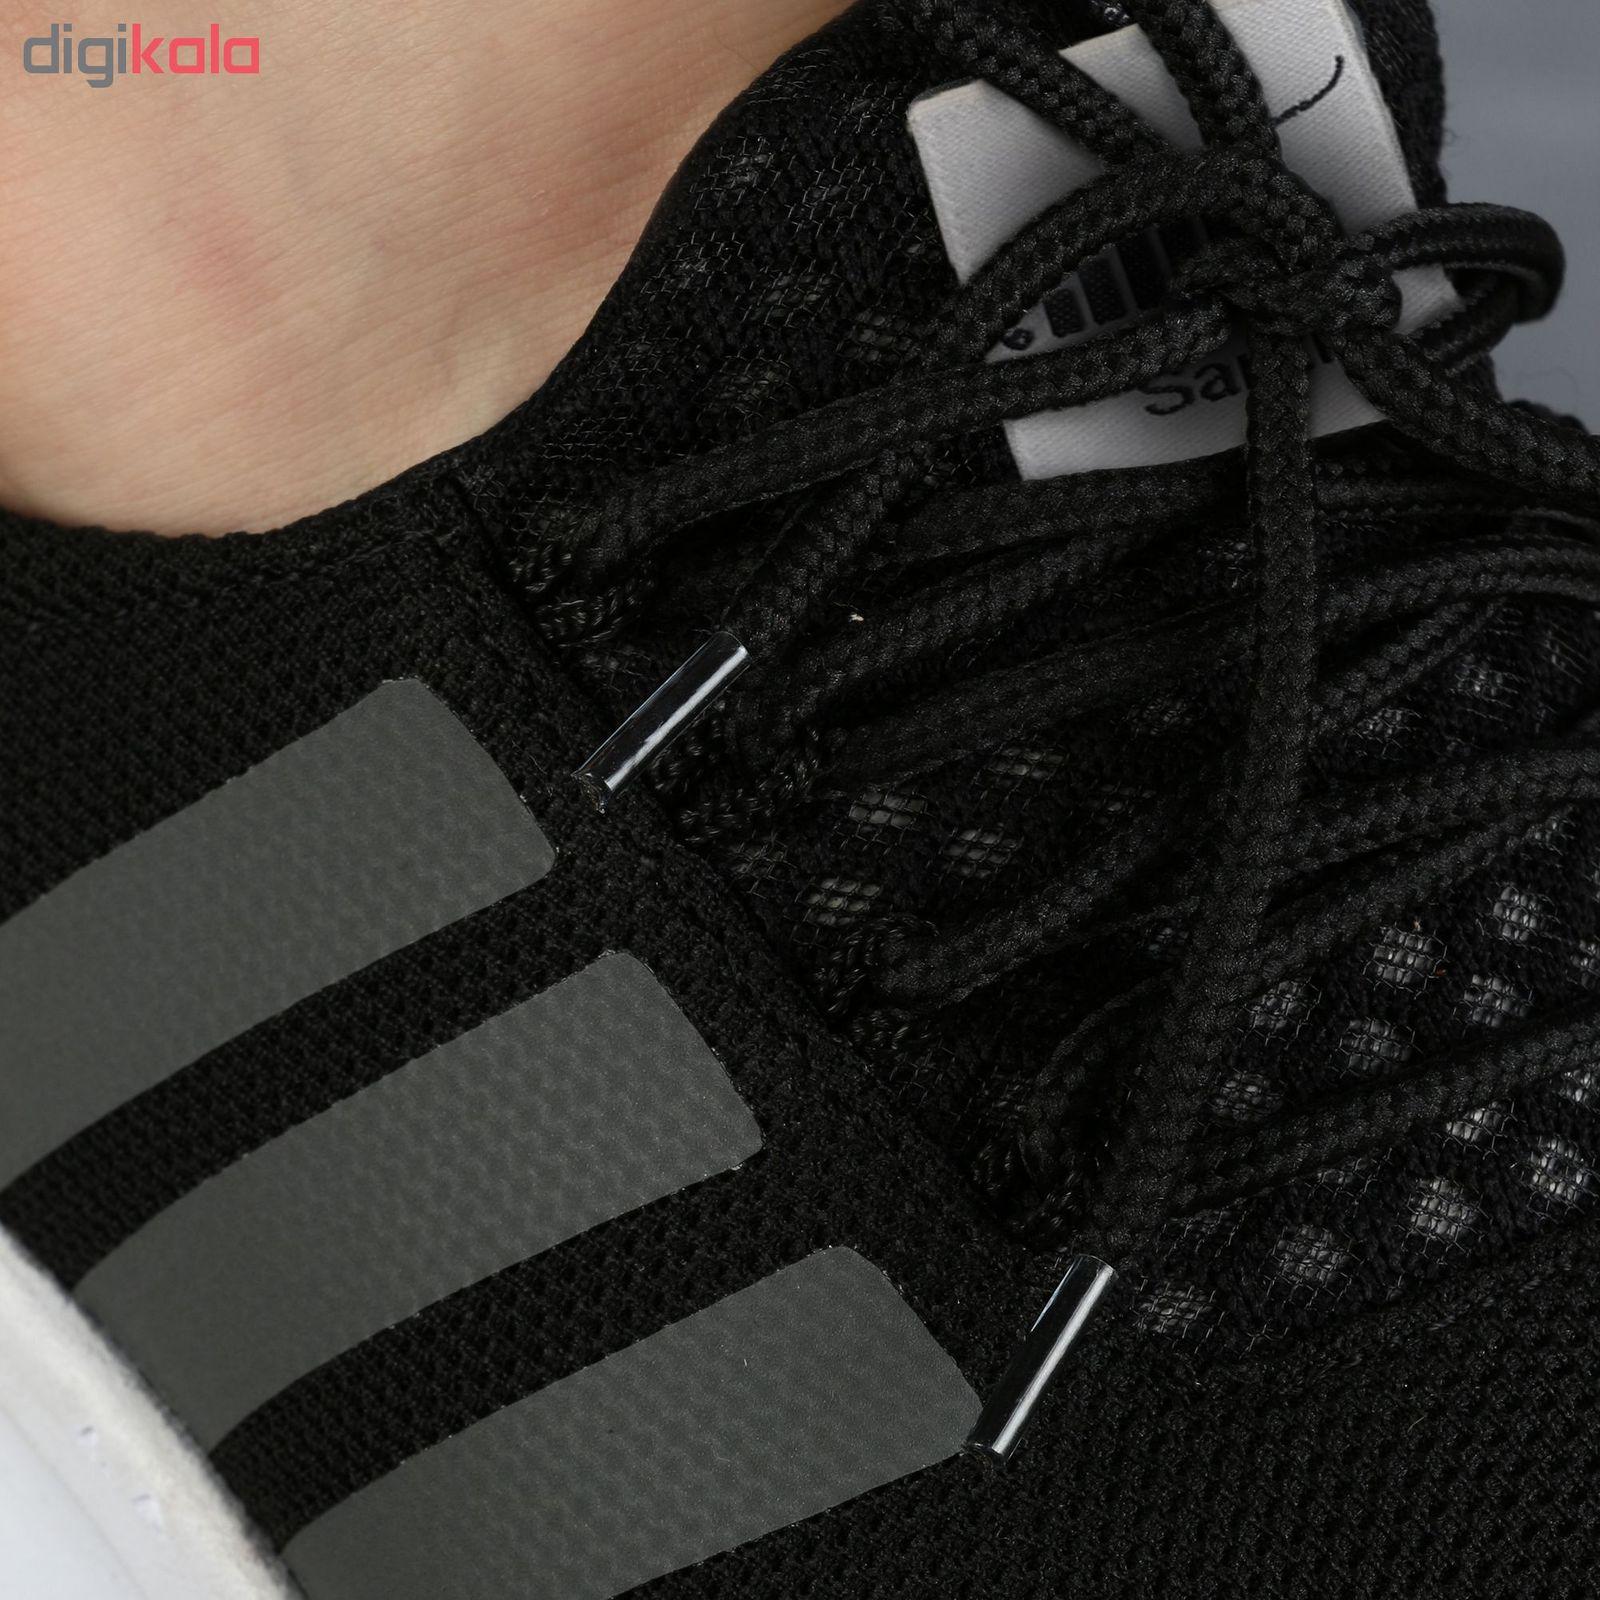 کفش ورزشی مردانه سه خط مشکی مدل rzai main 1 6